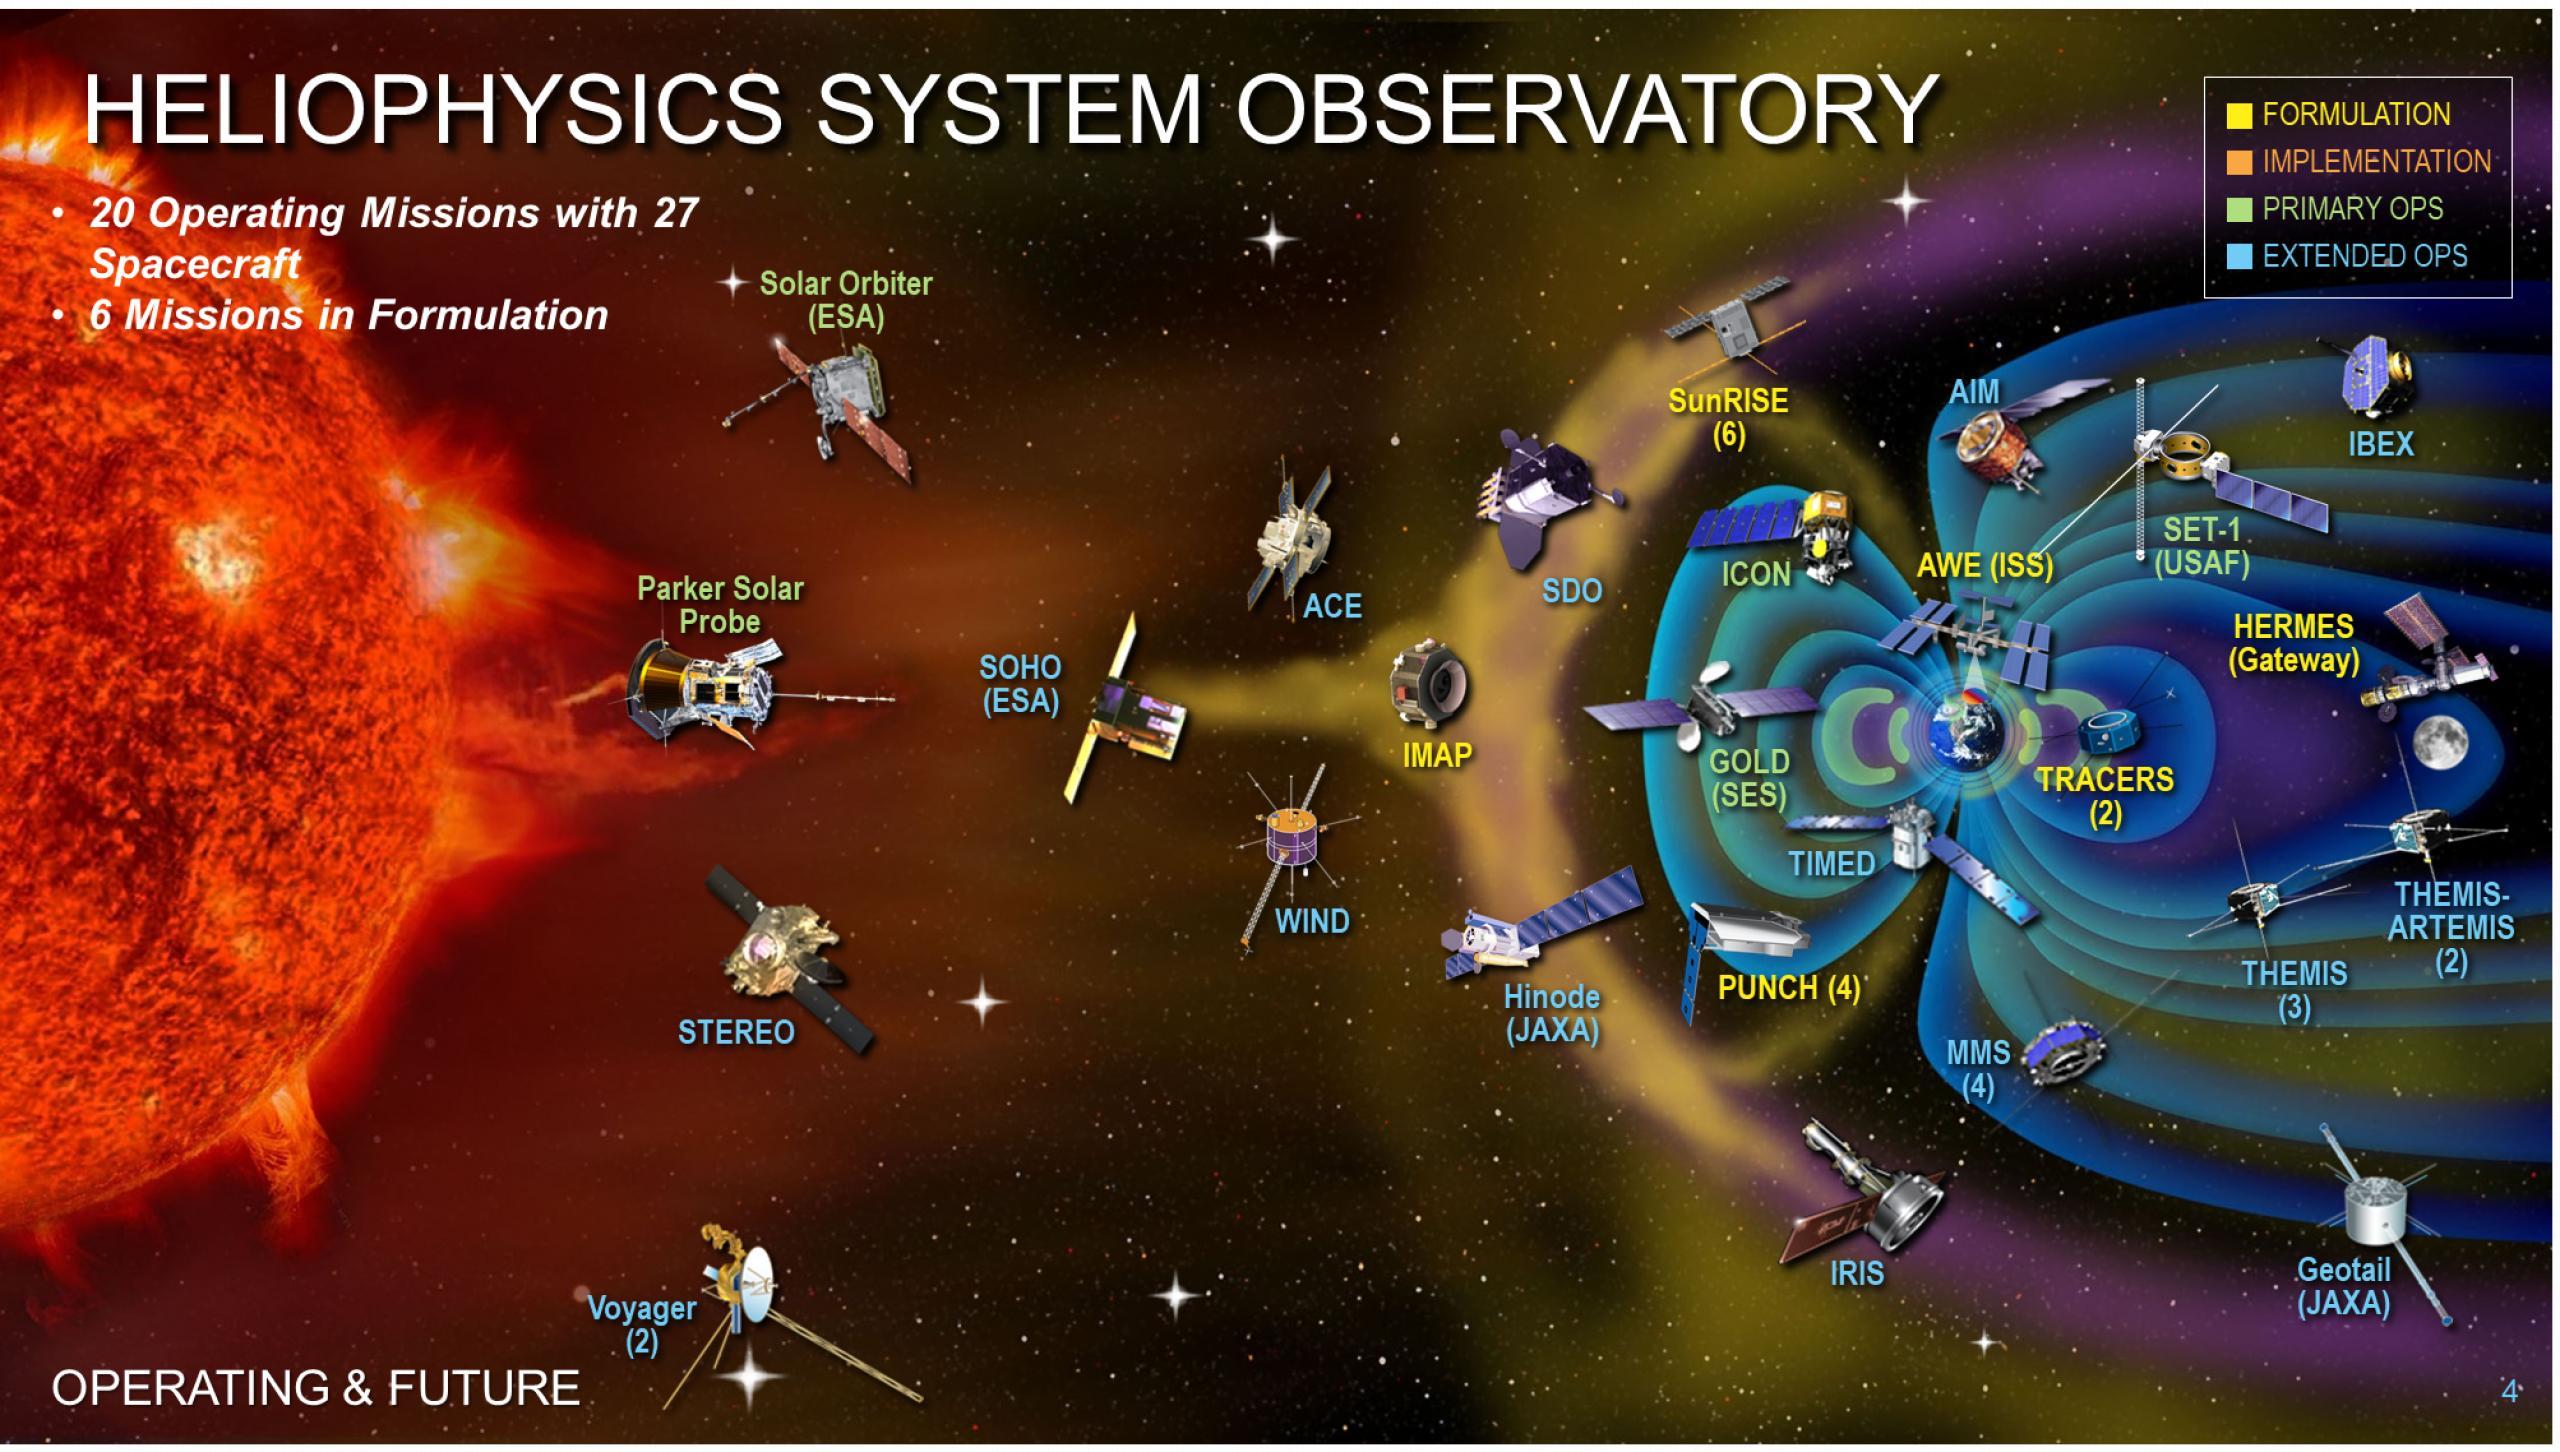 Heliophysics mission fleet chart